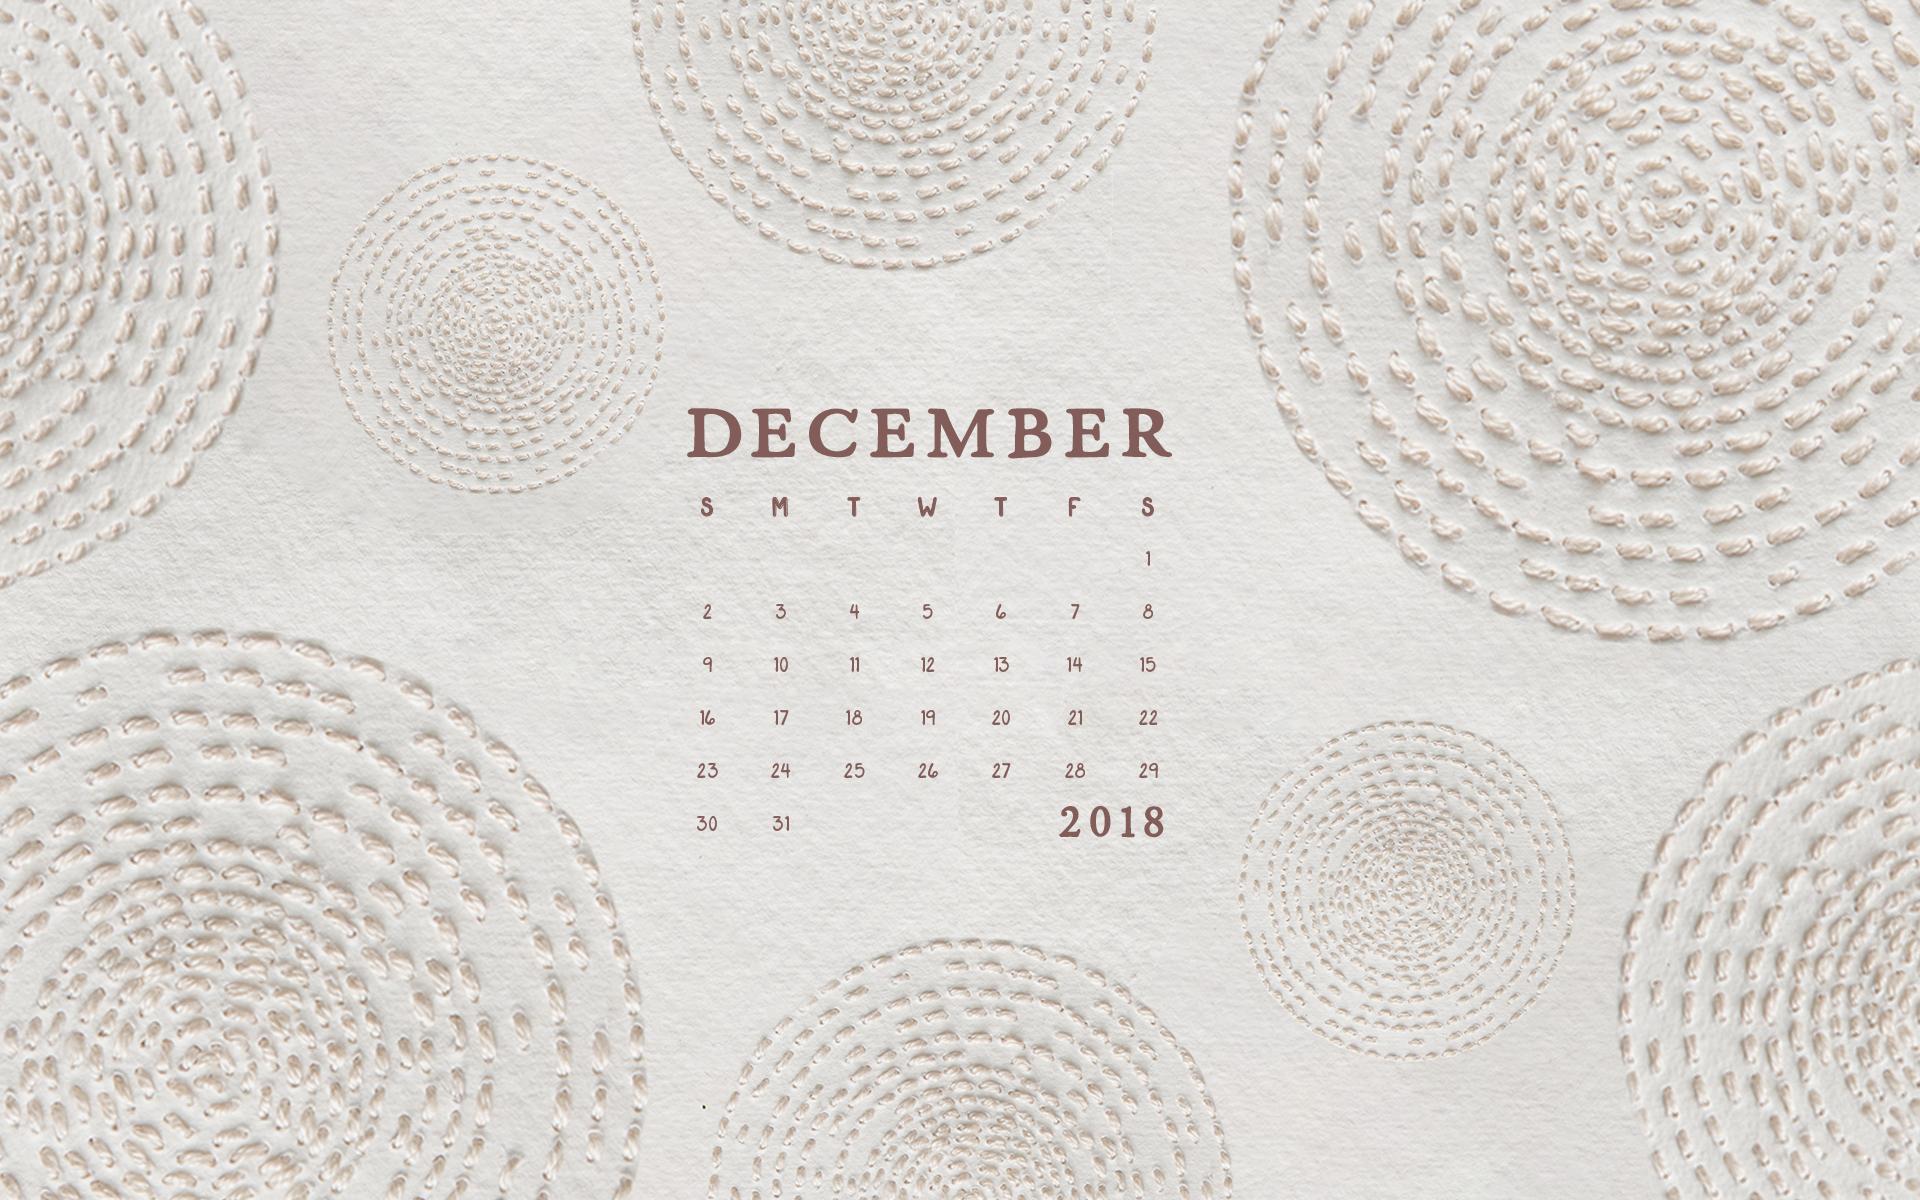 Wallpaper: December 2018 Calendar & Artwork | Computer | Britt Fabello